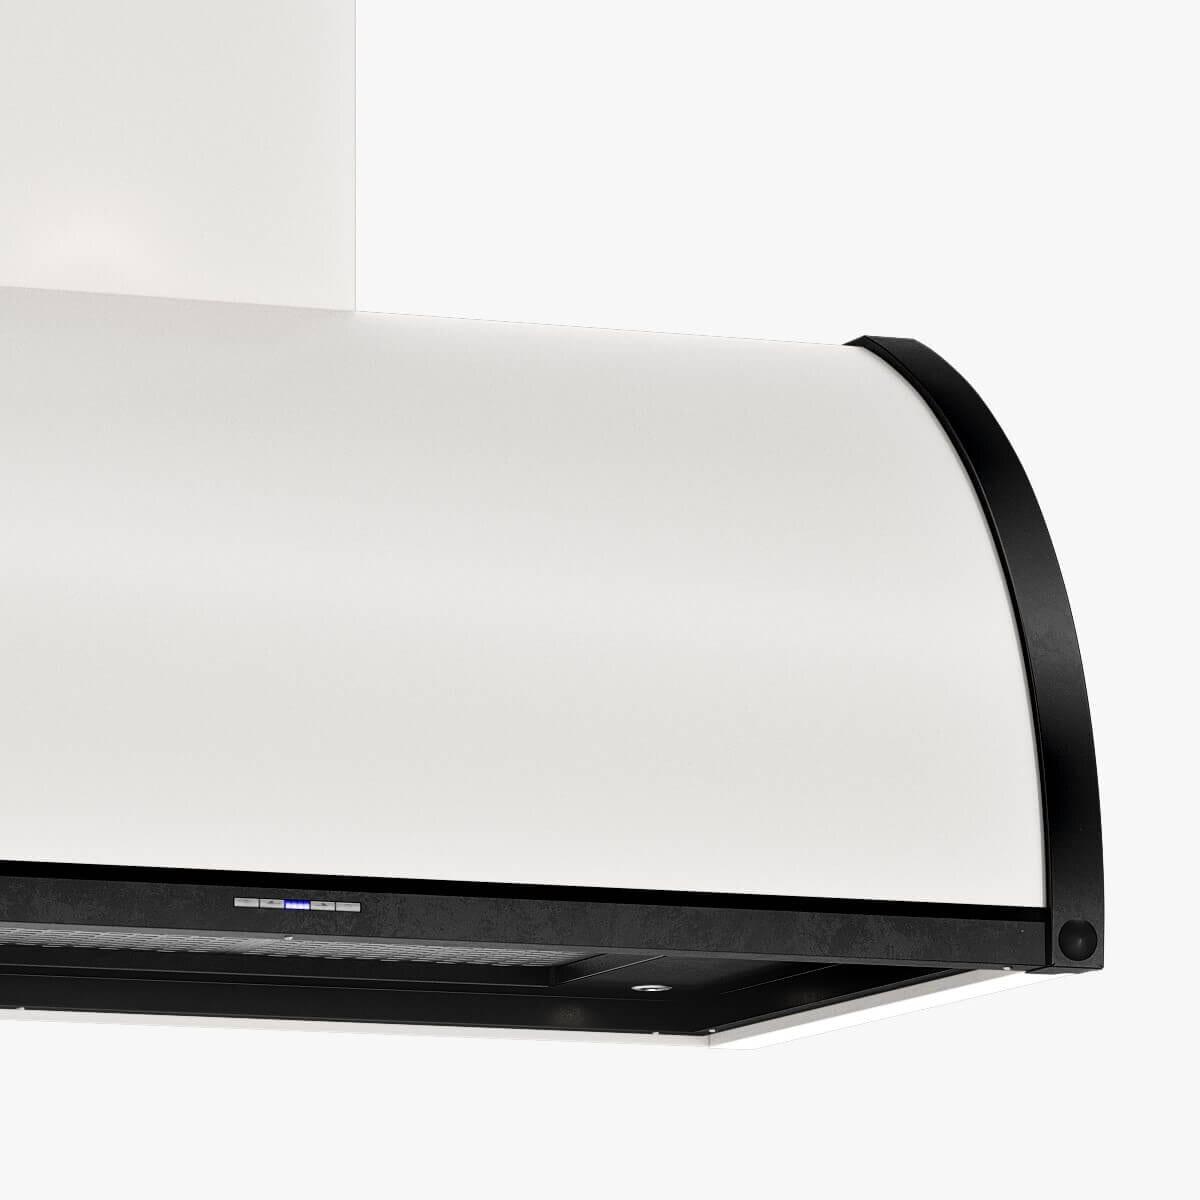 Detaljer på vägghängda köksfläkten Tradition i vitt med undersida och detaljer i svartoxiderad metall.